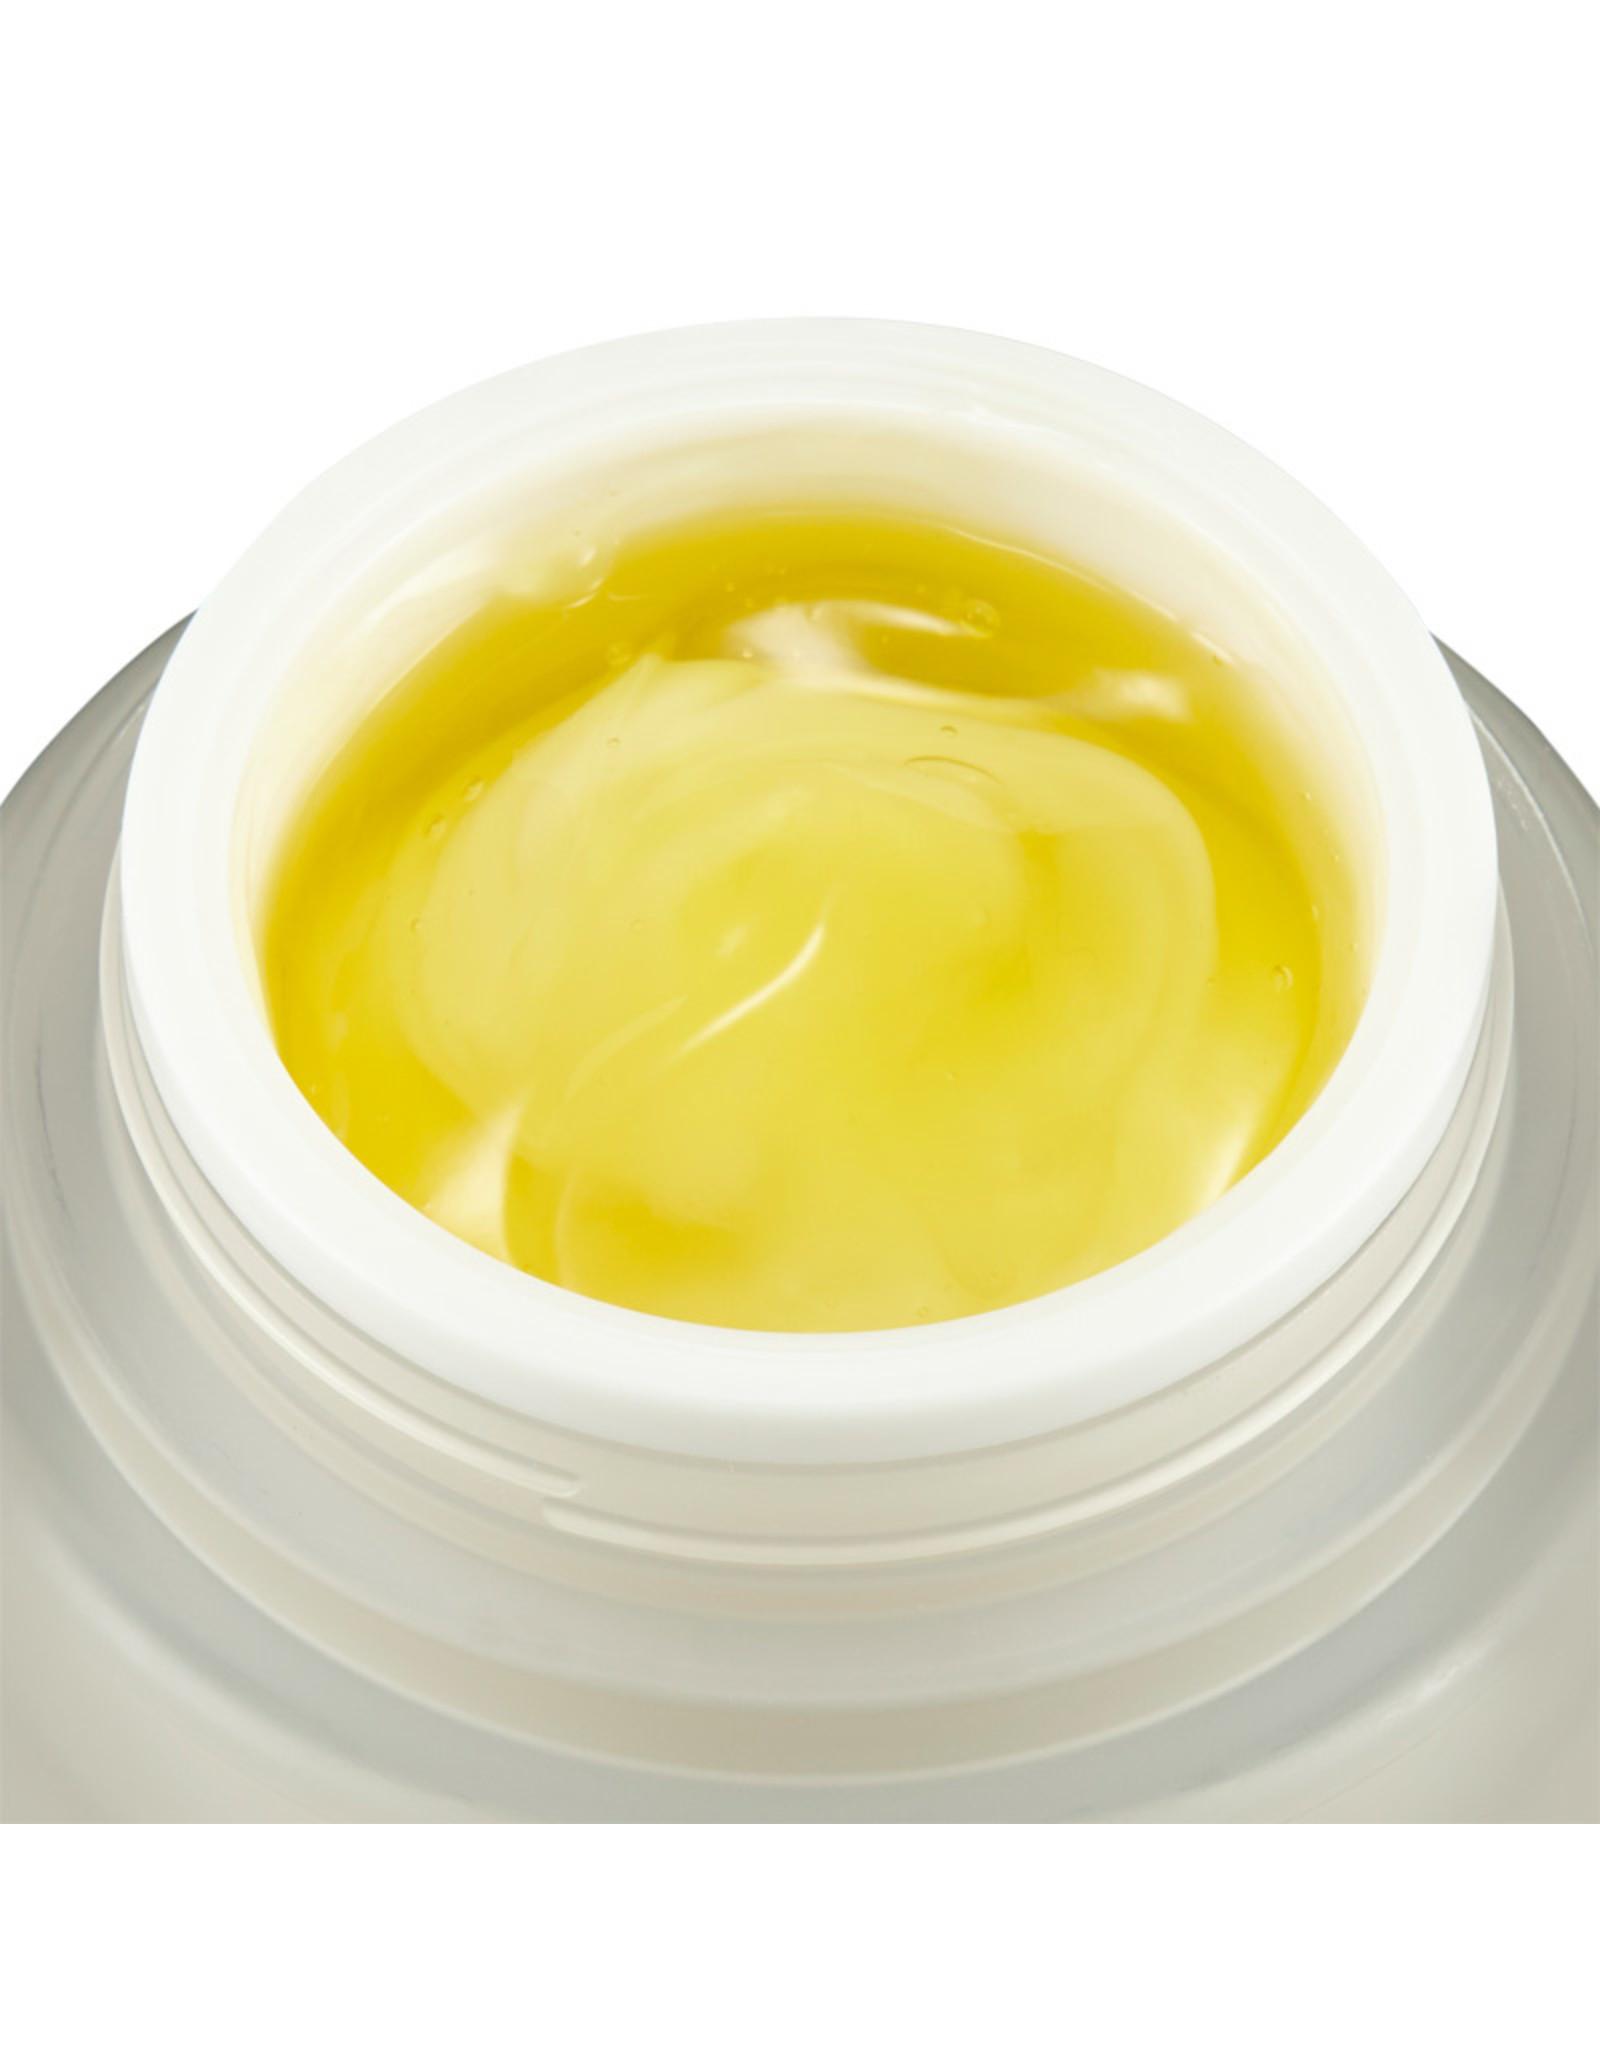 Herb Blending Cream